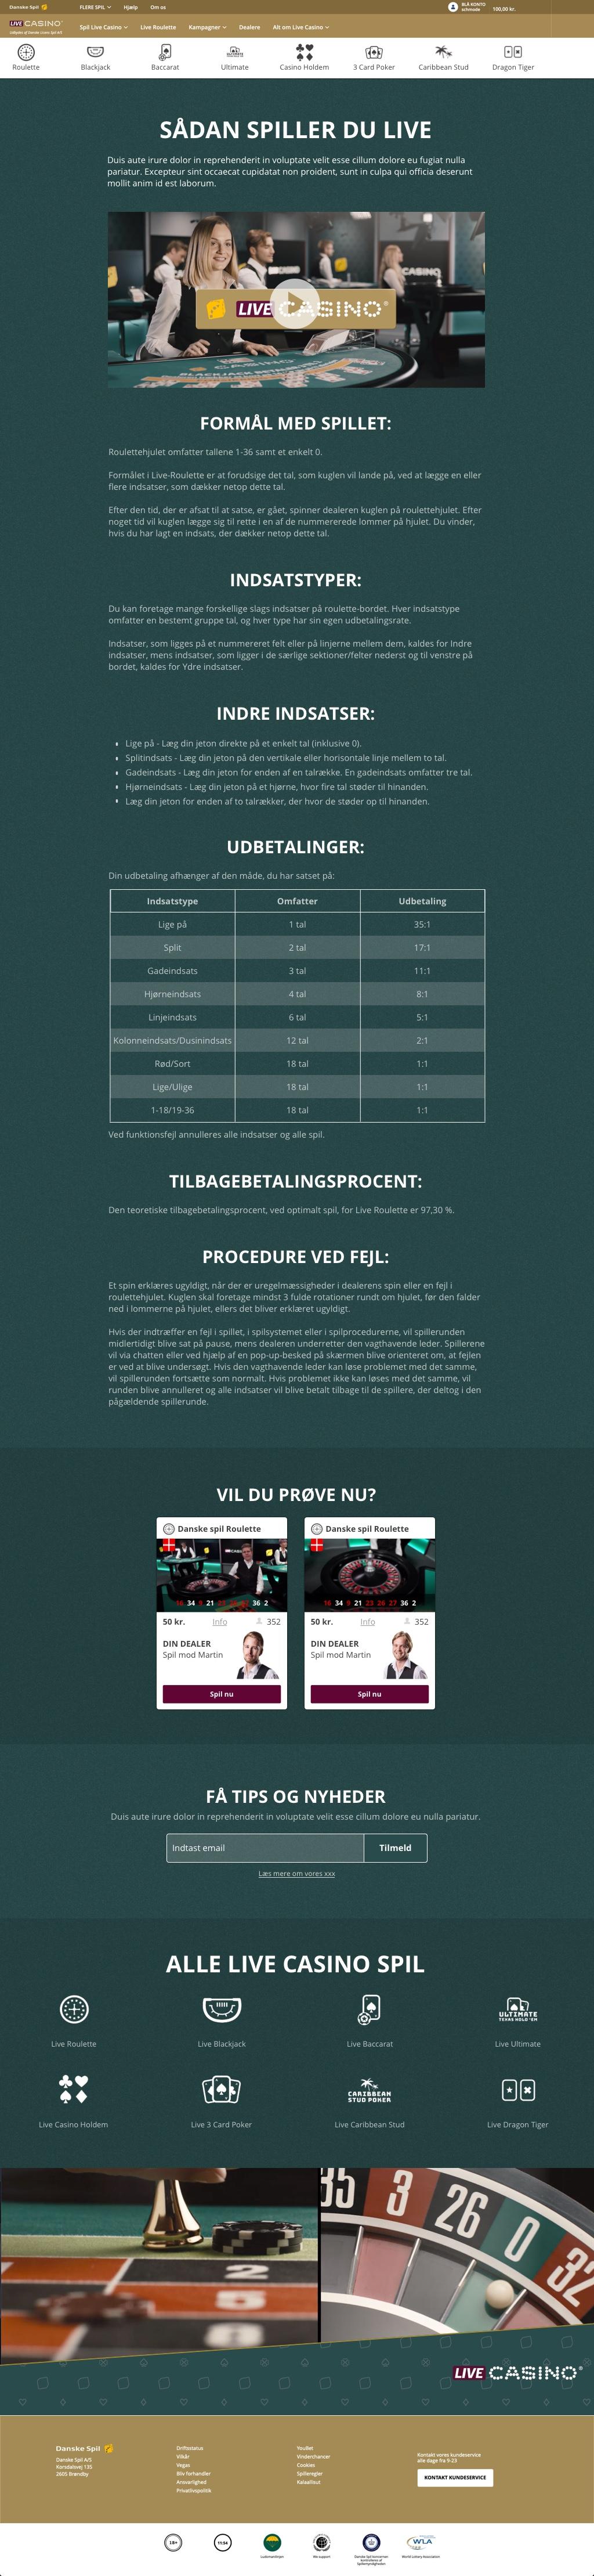 danske spil live betting trends